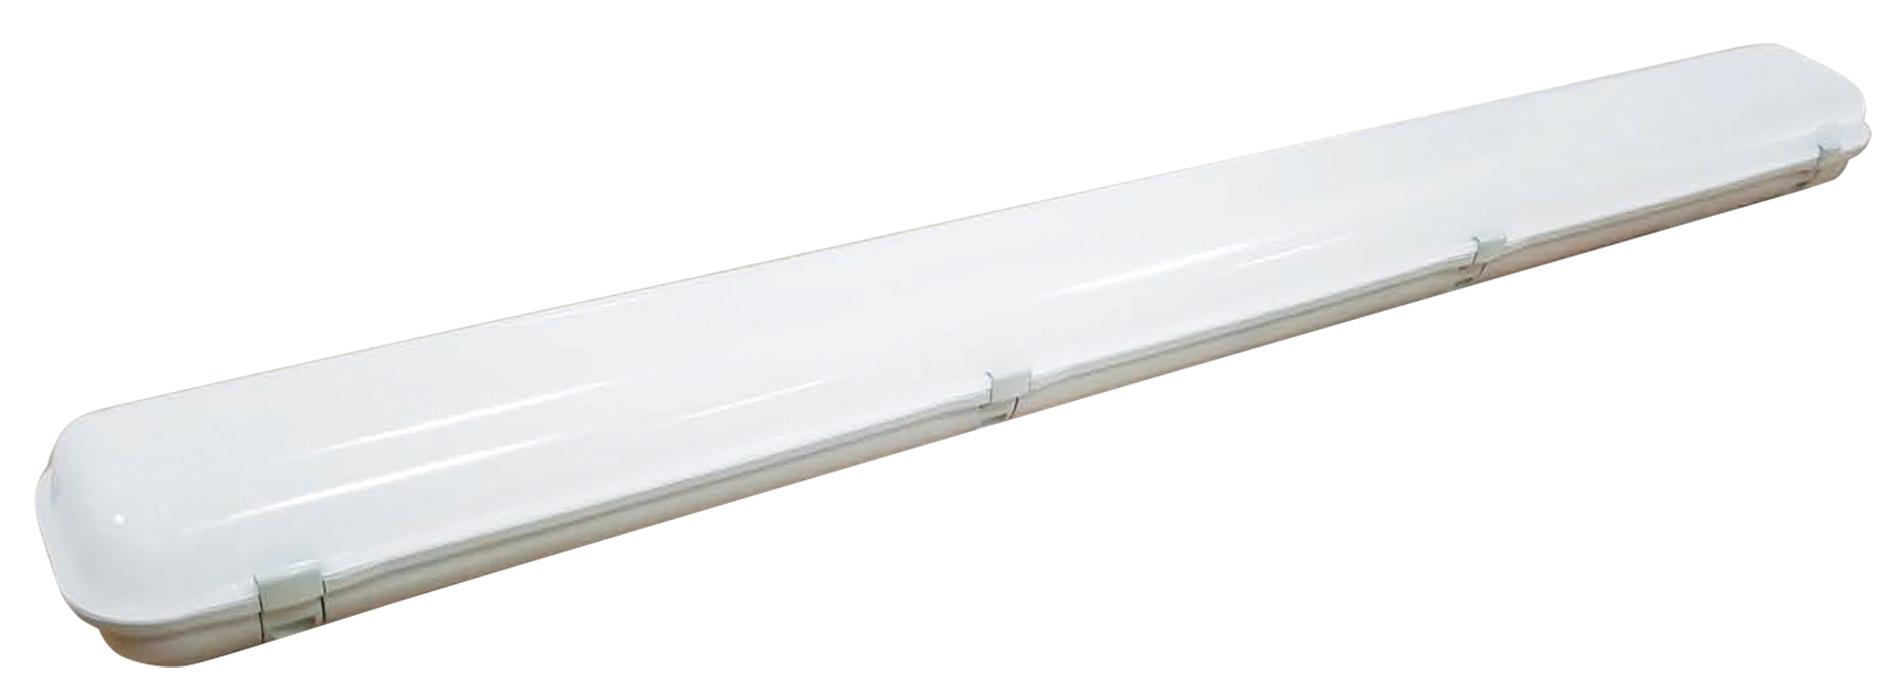 ORR136-1274EO3S 19.5W LED Batten Light